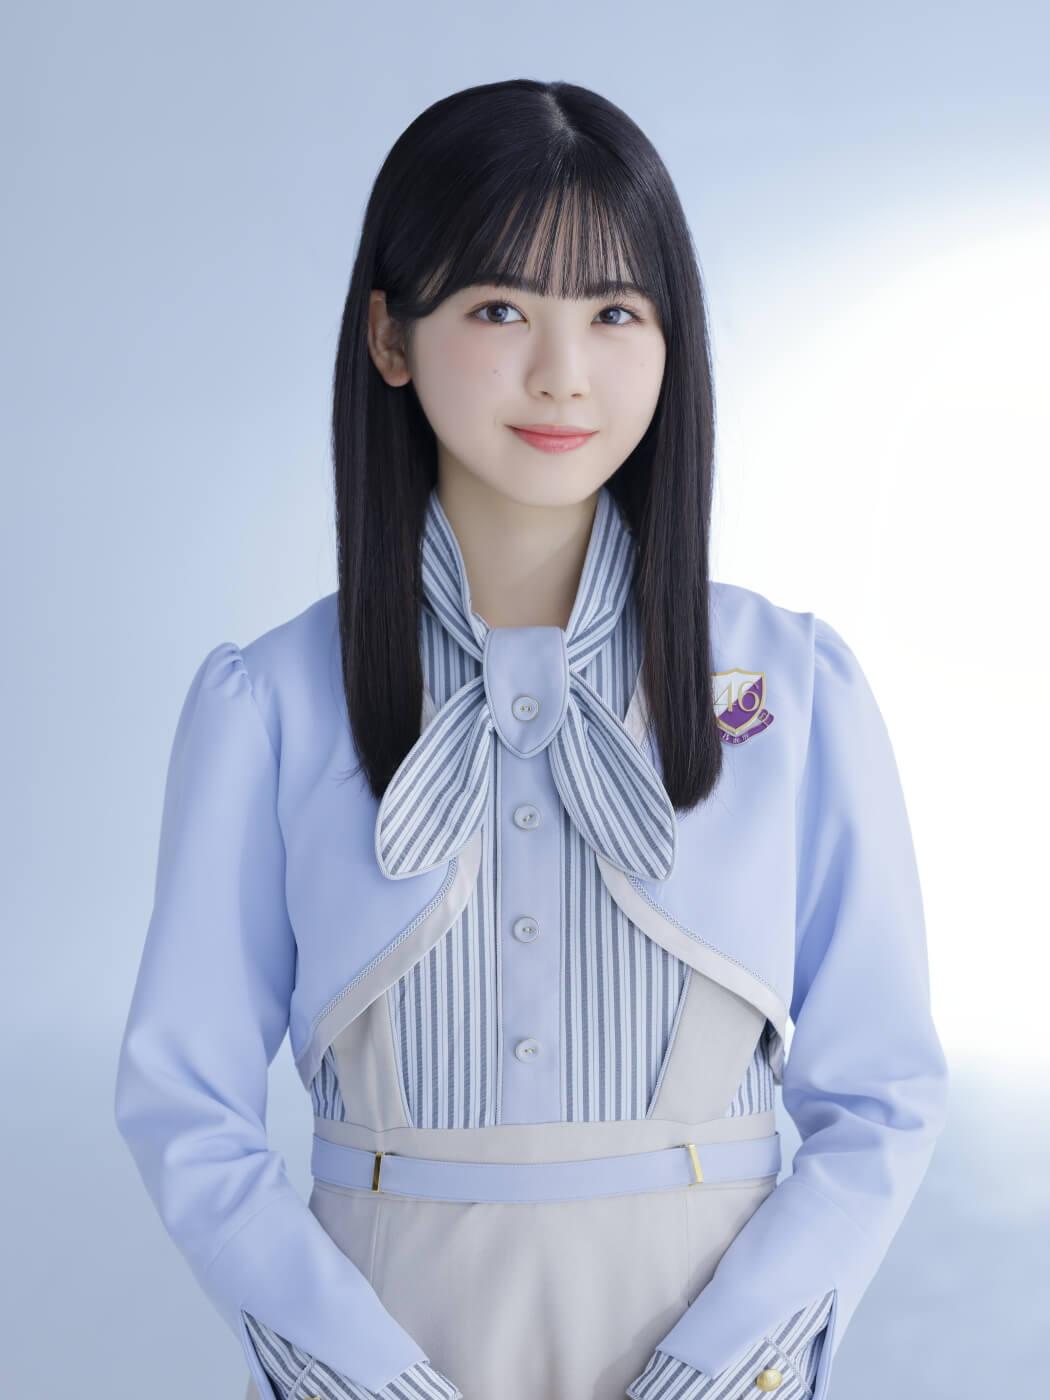 乃木坂46の「の」 新MCは現役最年少メンバーの4期生・筒井あやめが担当!